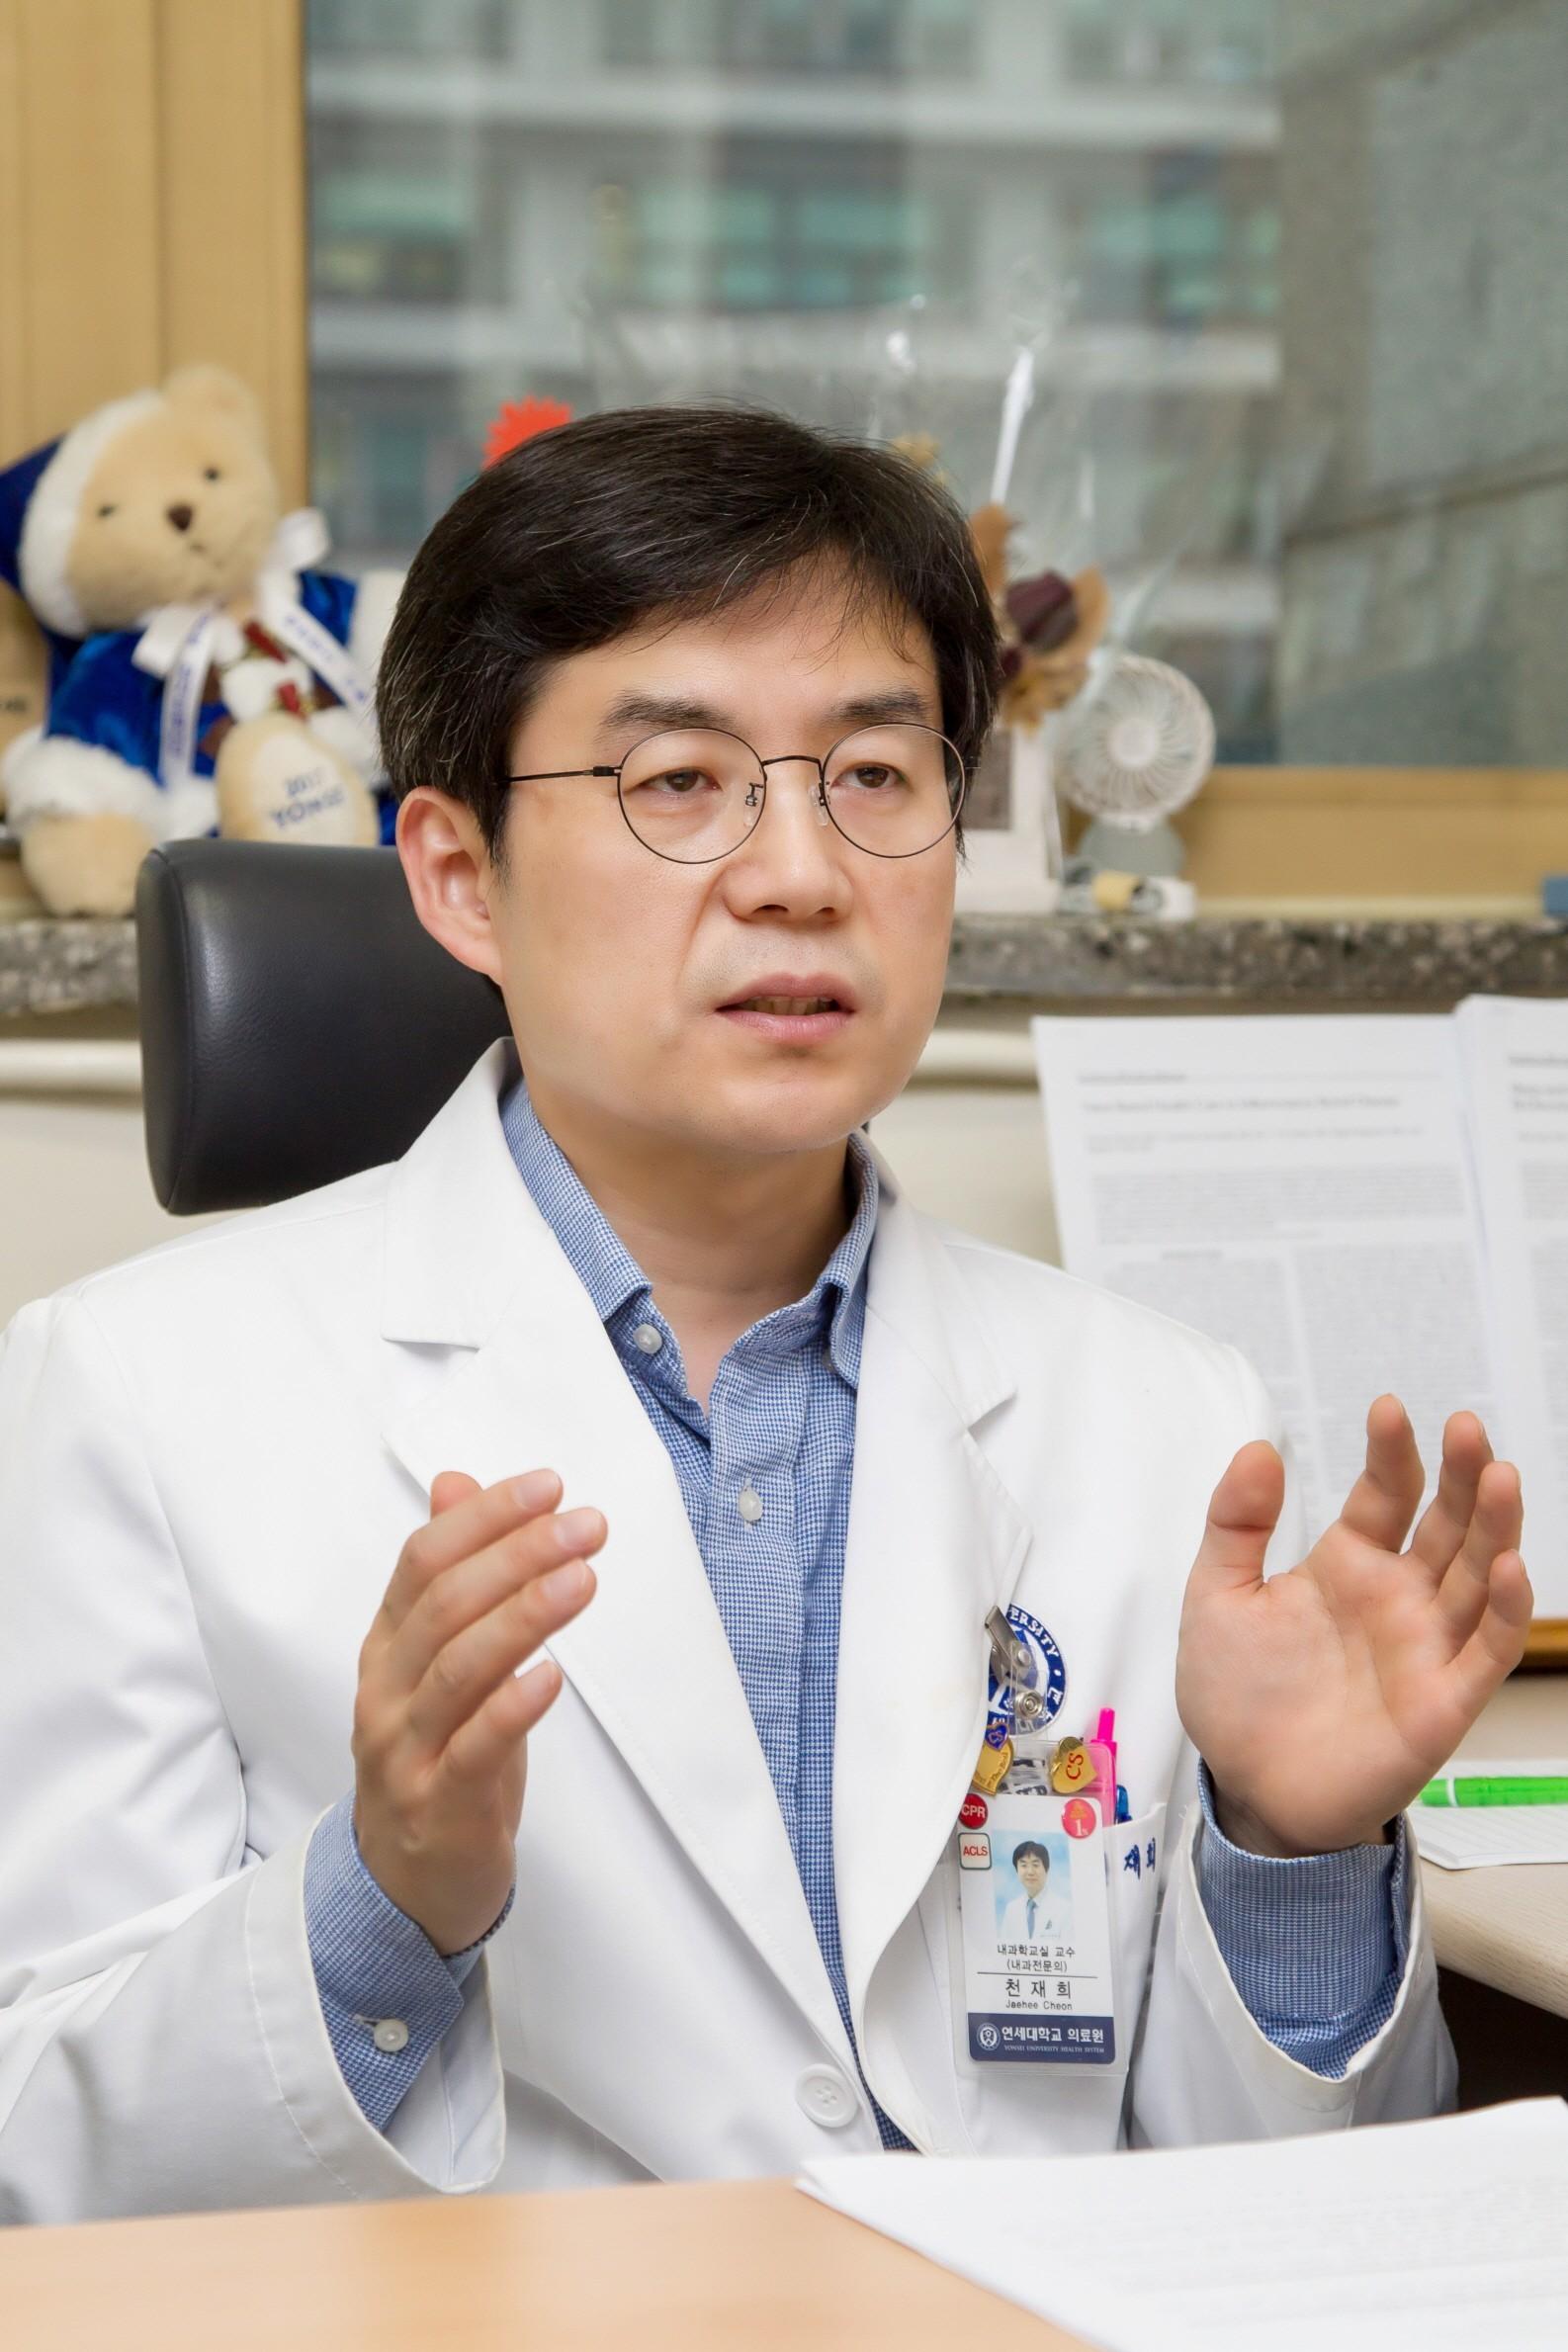 세브란스병원 소화기내과 천재희 교수가 인터뷰하고 있다.